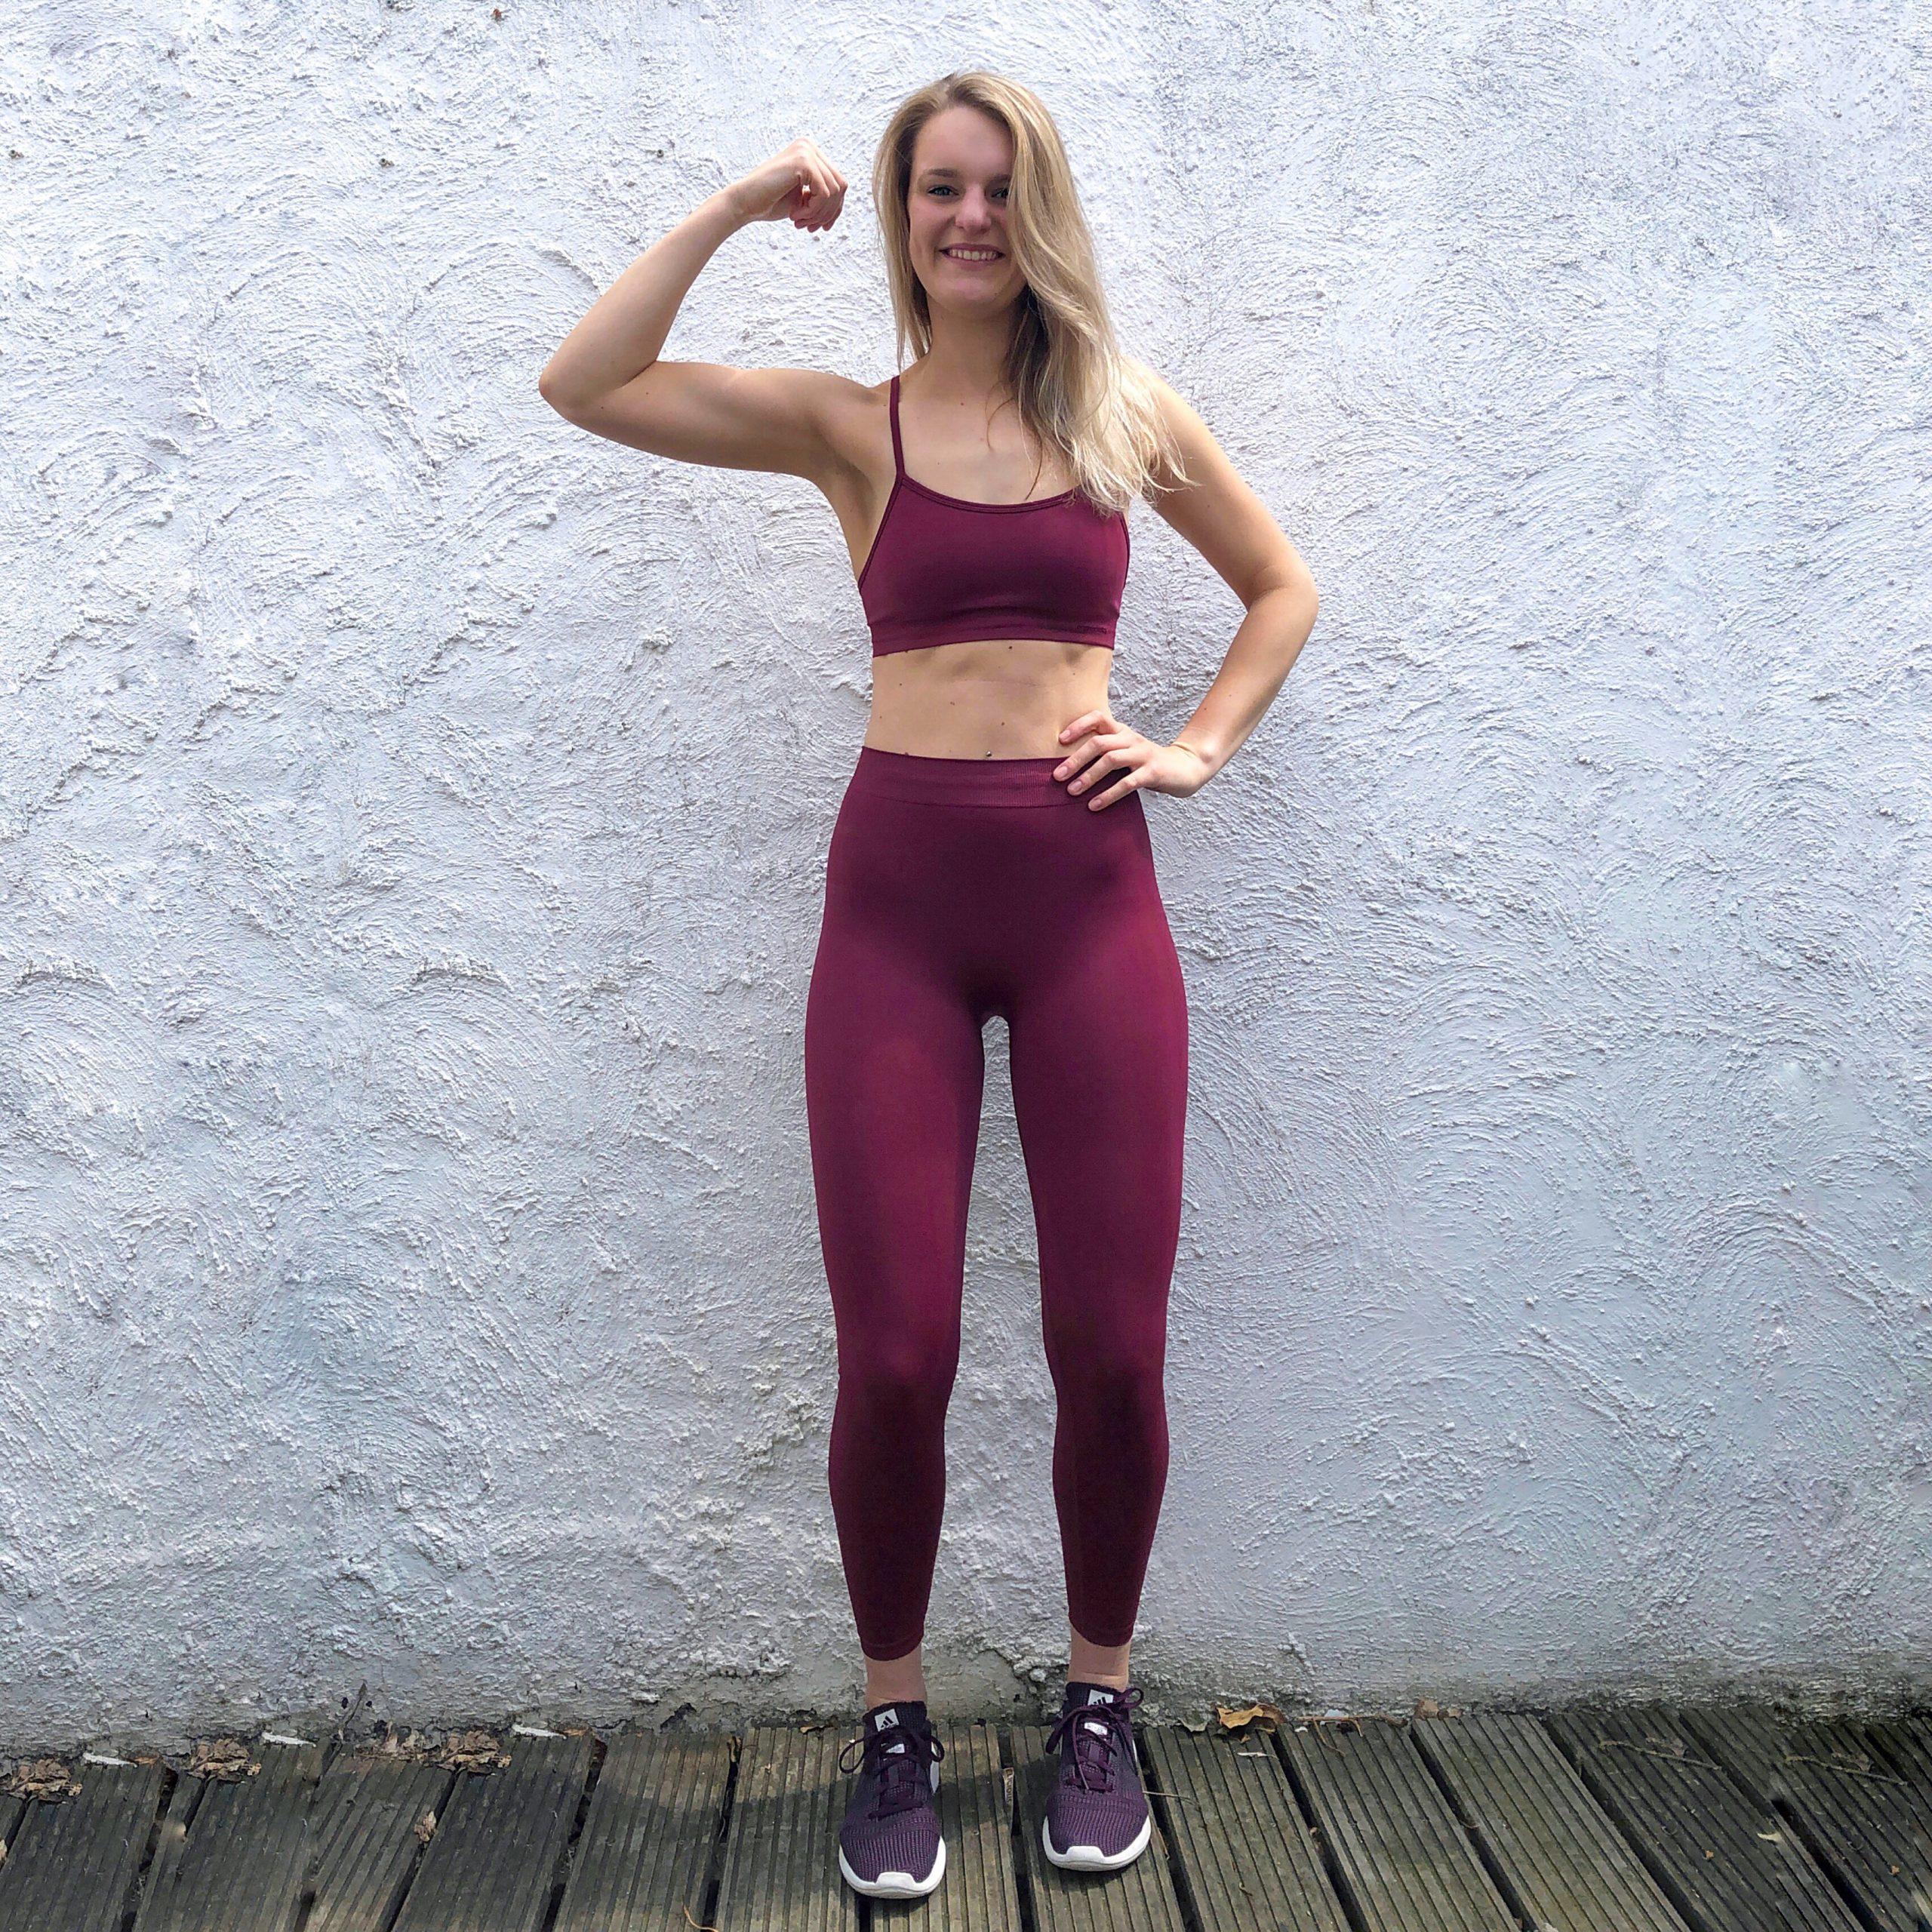 Ik testte mijn bloedwaarden – Kun je gezond en sterk zijn als vegan sporter?